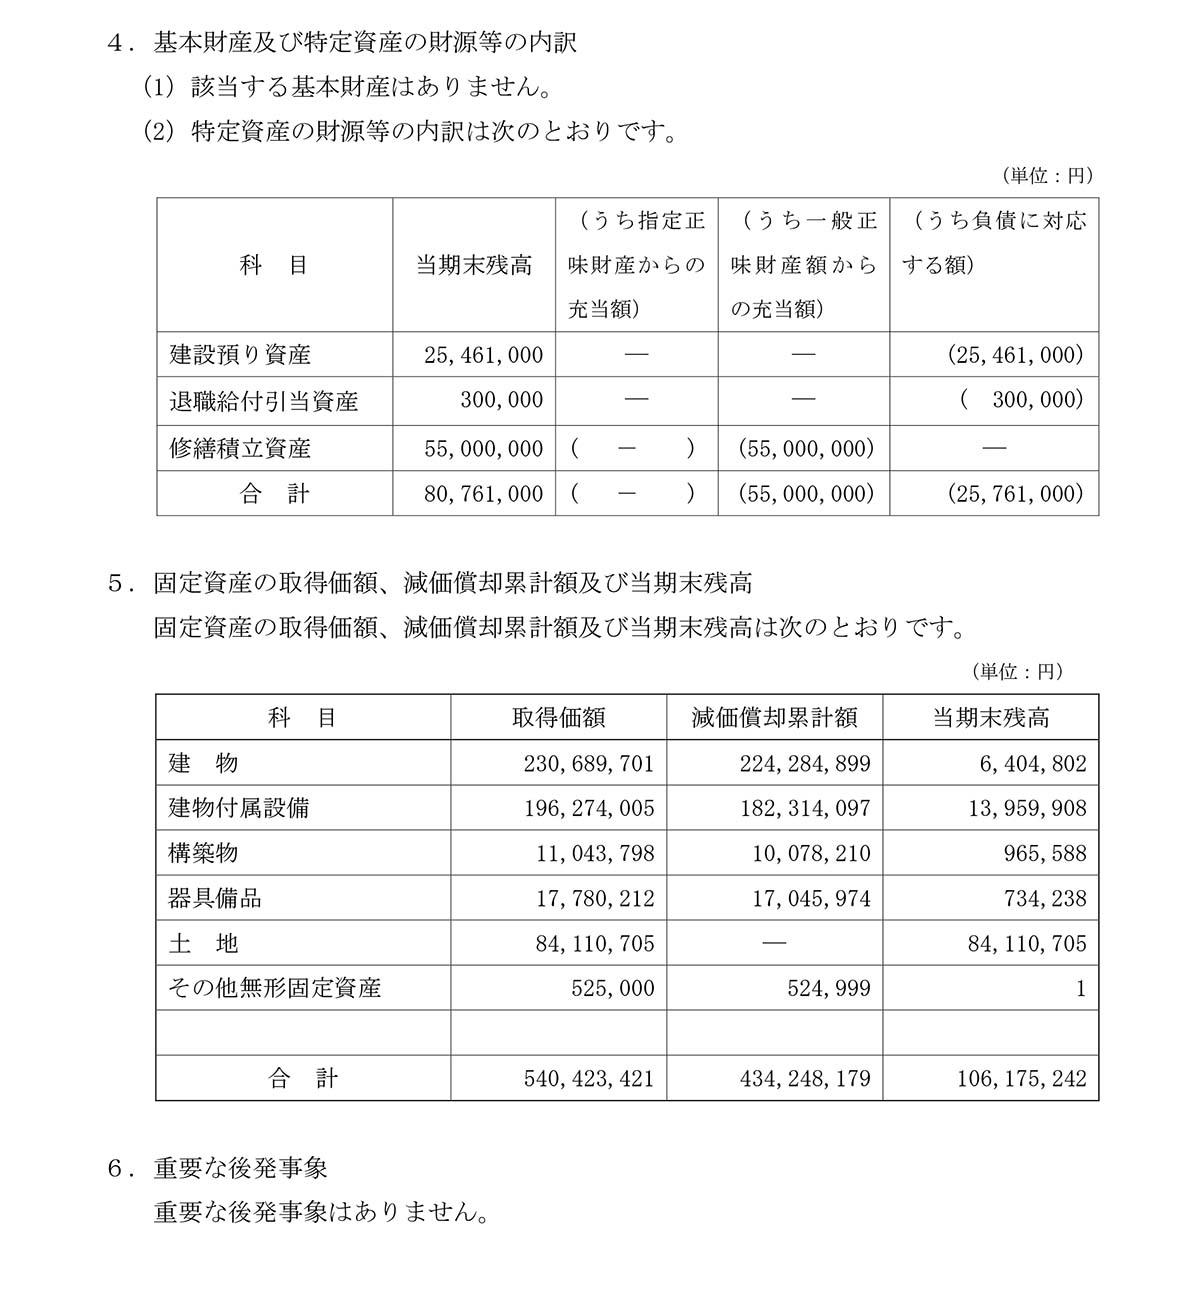 財務諸表に対する注記55期-2